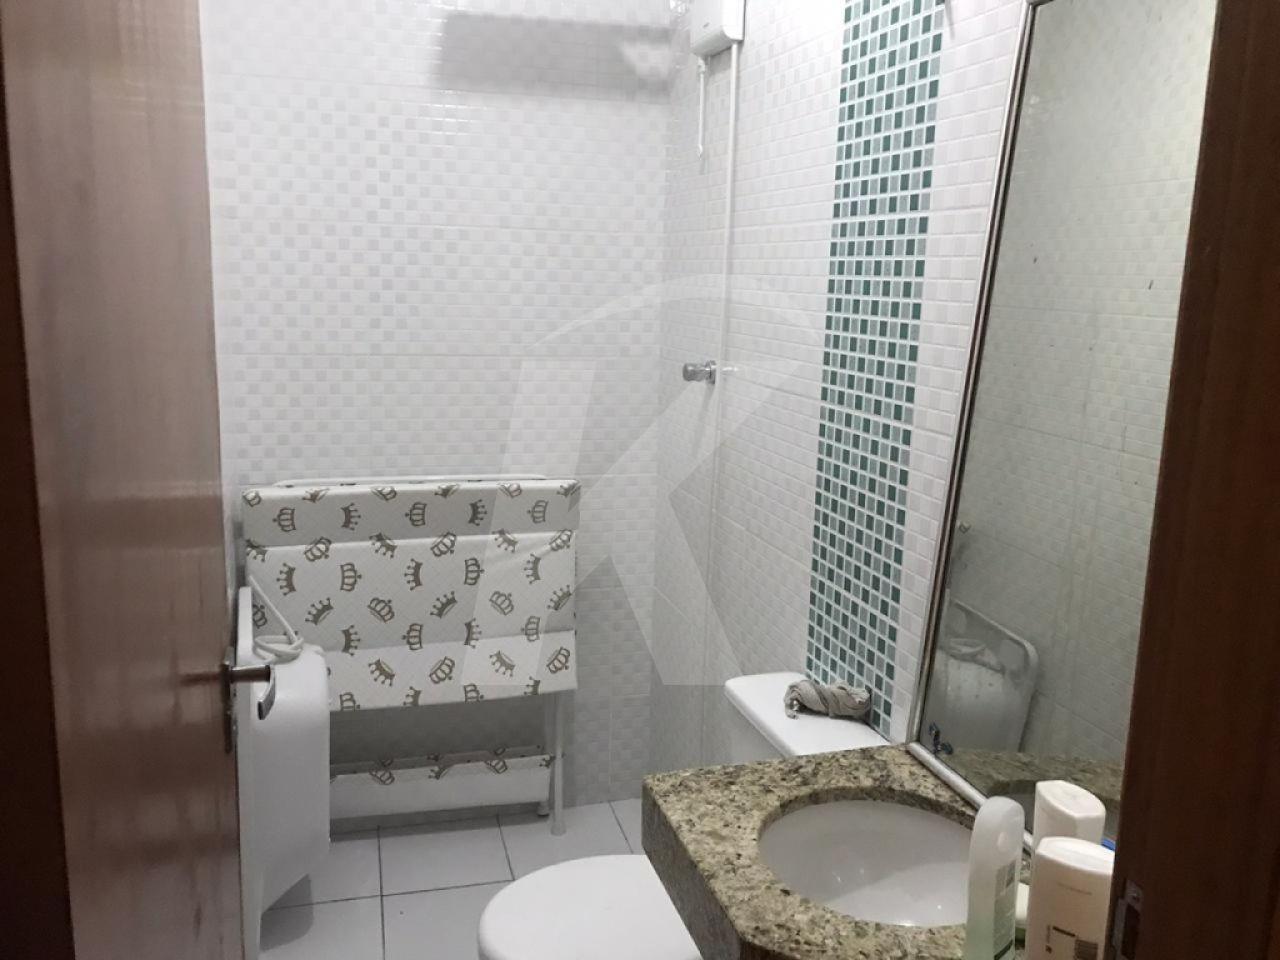 Sobrado Vila Nivi - 3 Dormitório(s) - São Paulo - SP - REF. KA10071